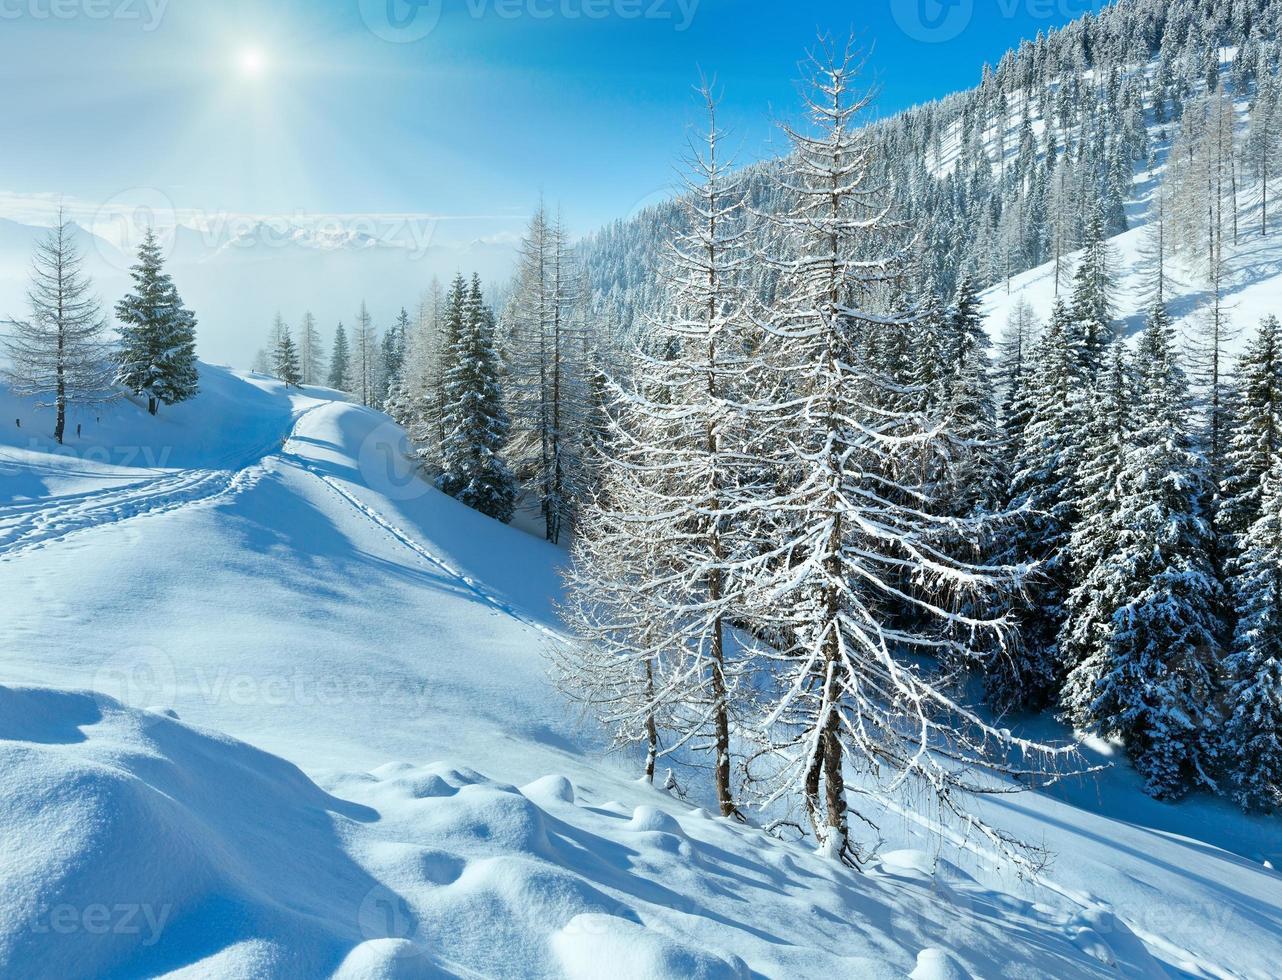 manhã inverno paisagem de montanha enevoada foto